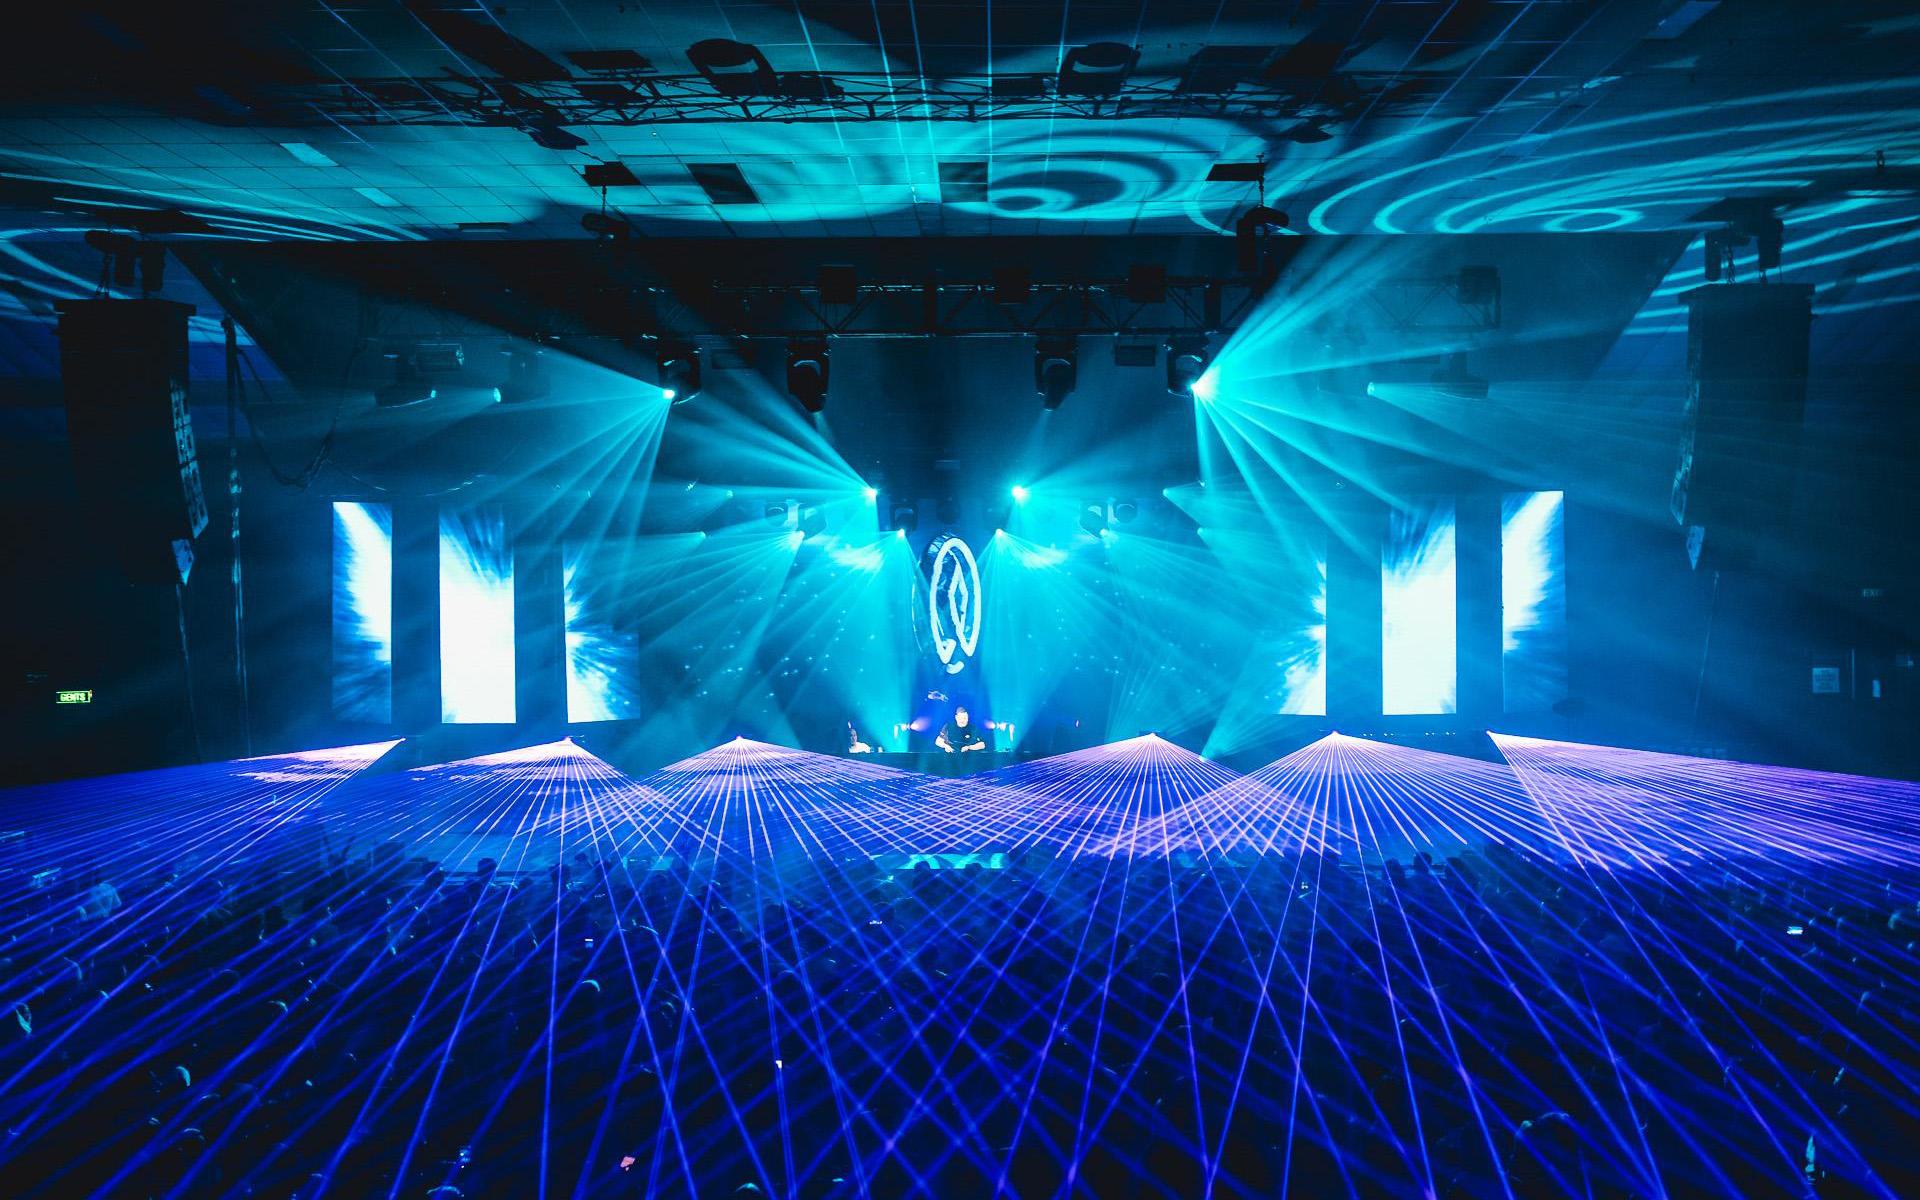 Istoria Melbourne Armin van Buuren lasers